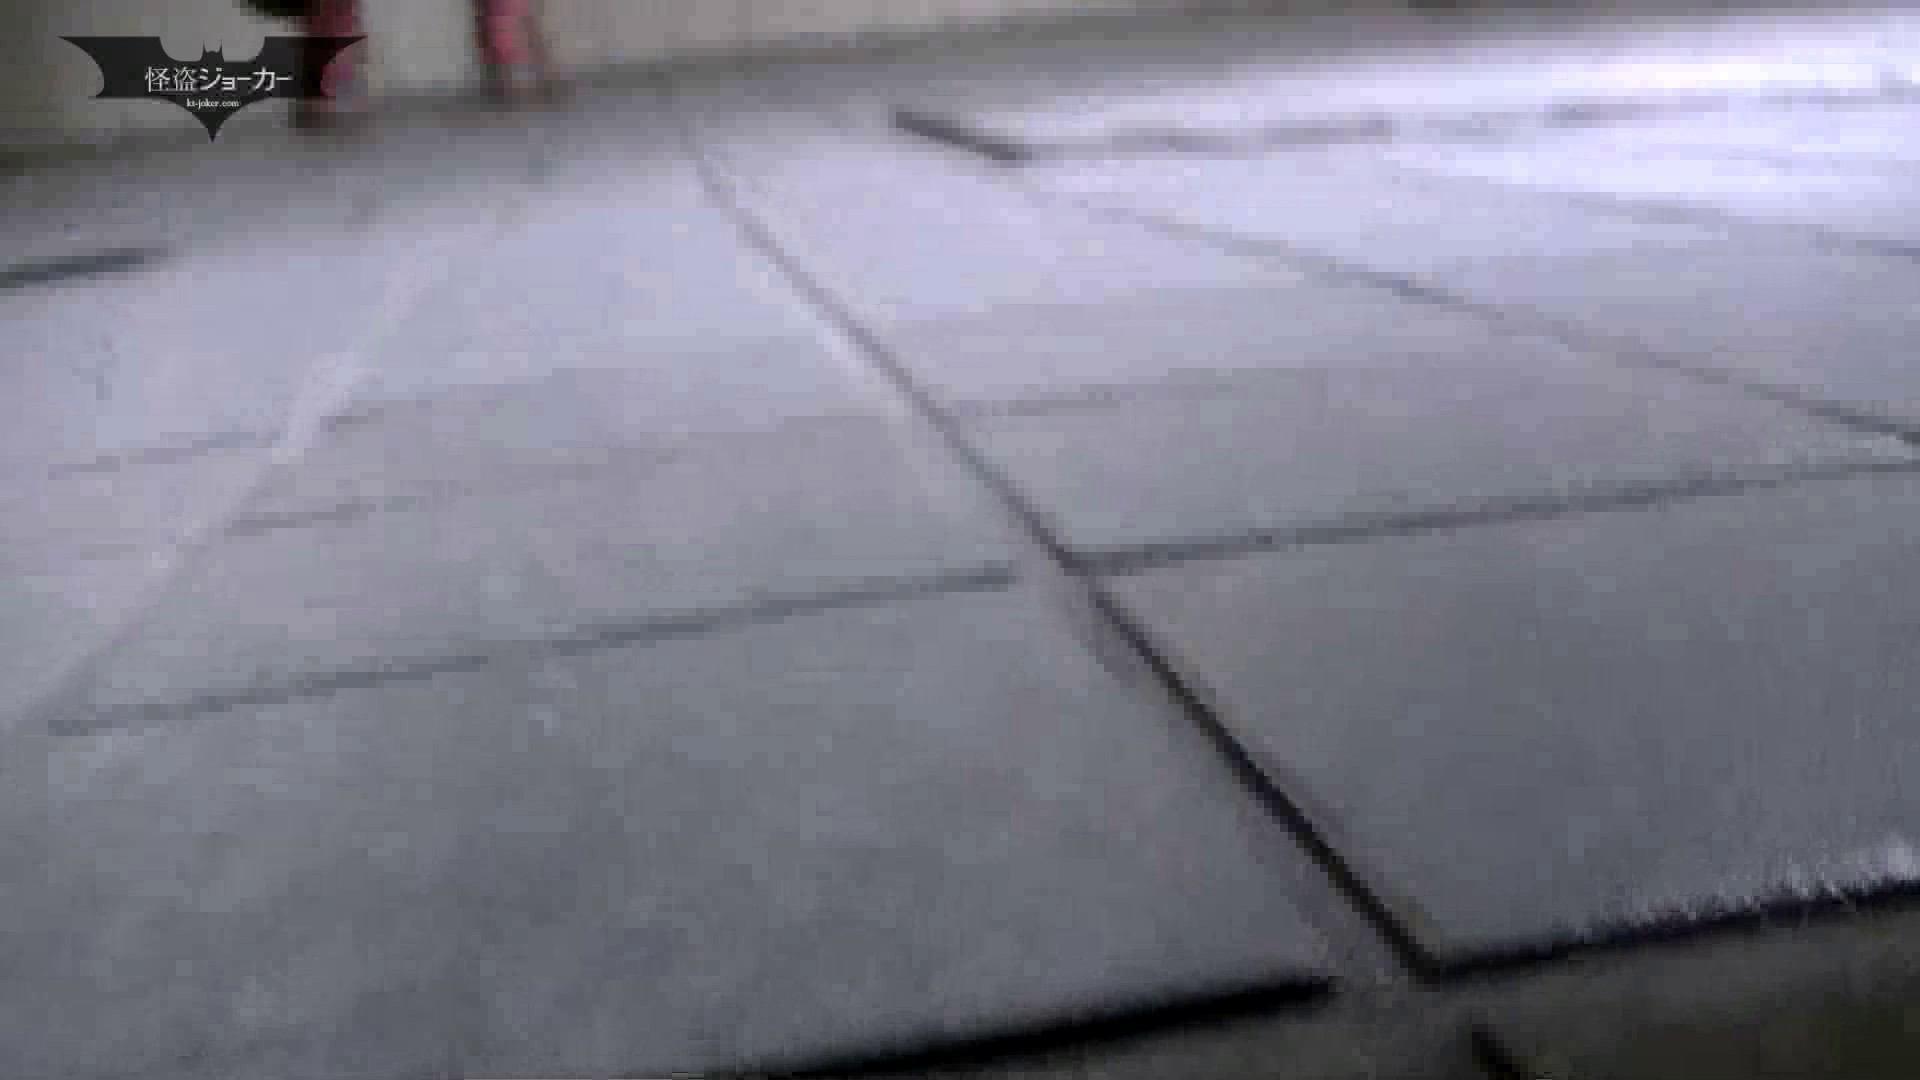 夏の思い出浜辺トイレ盗撮Vol.12 盗撮映像大放出 おめこ無修正画像 27連発 8